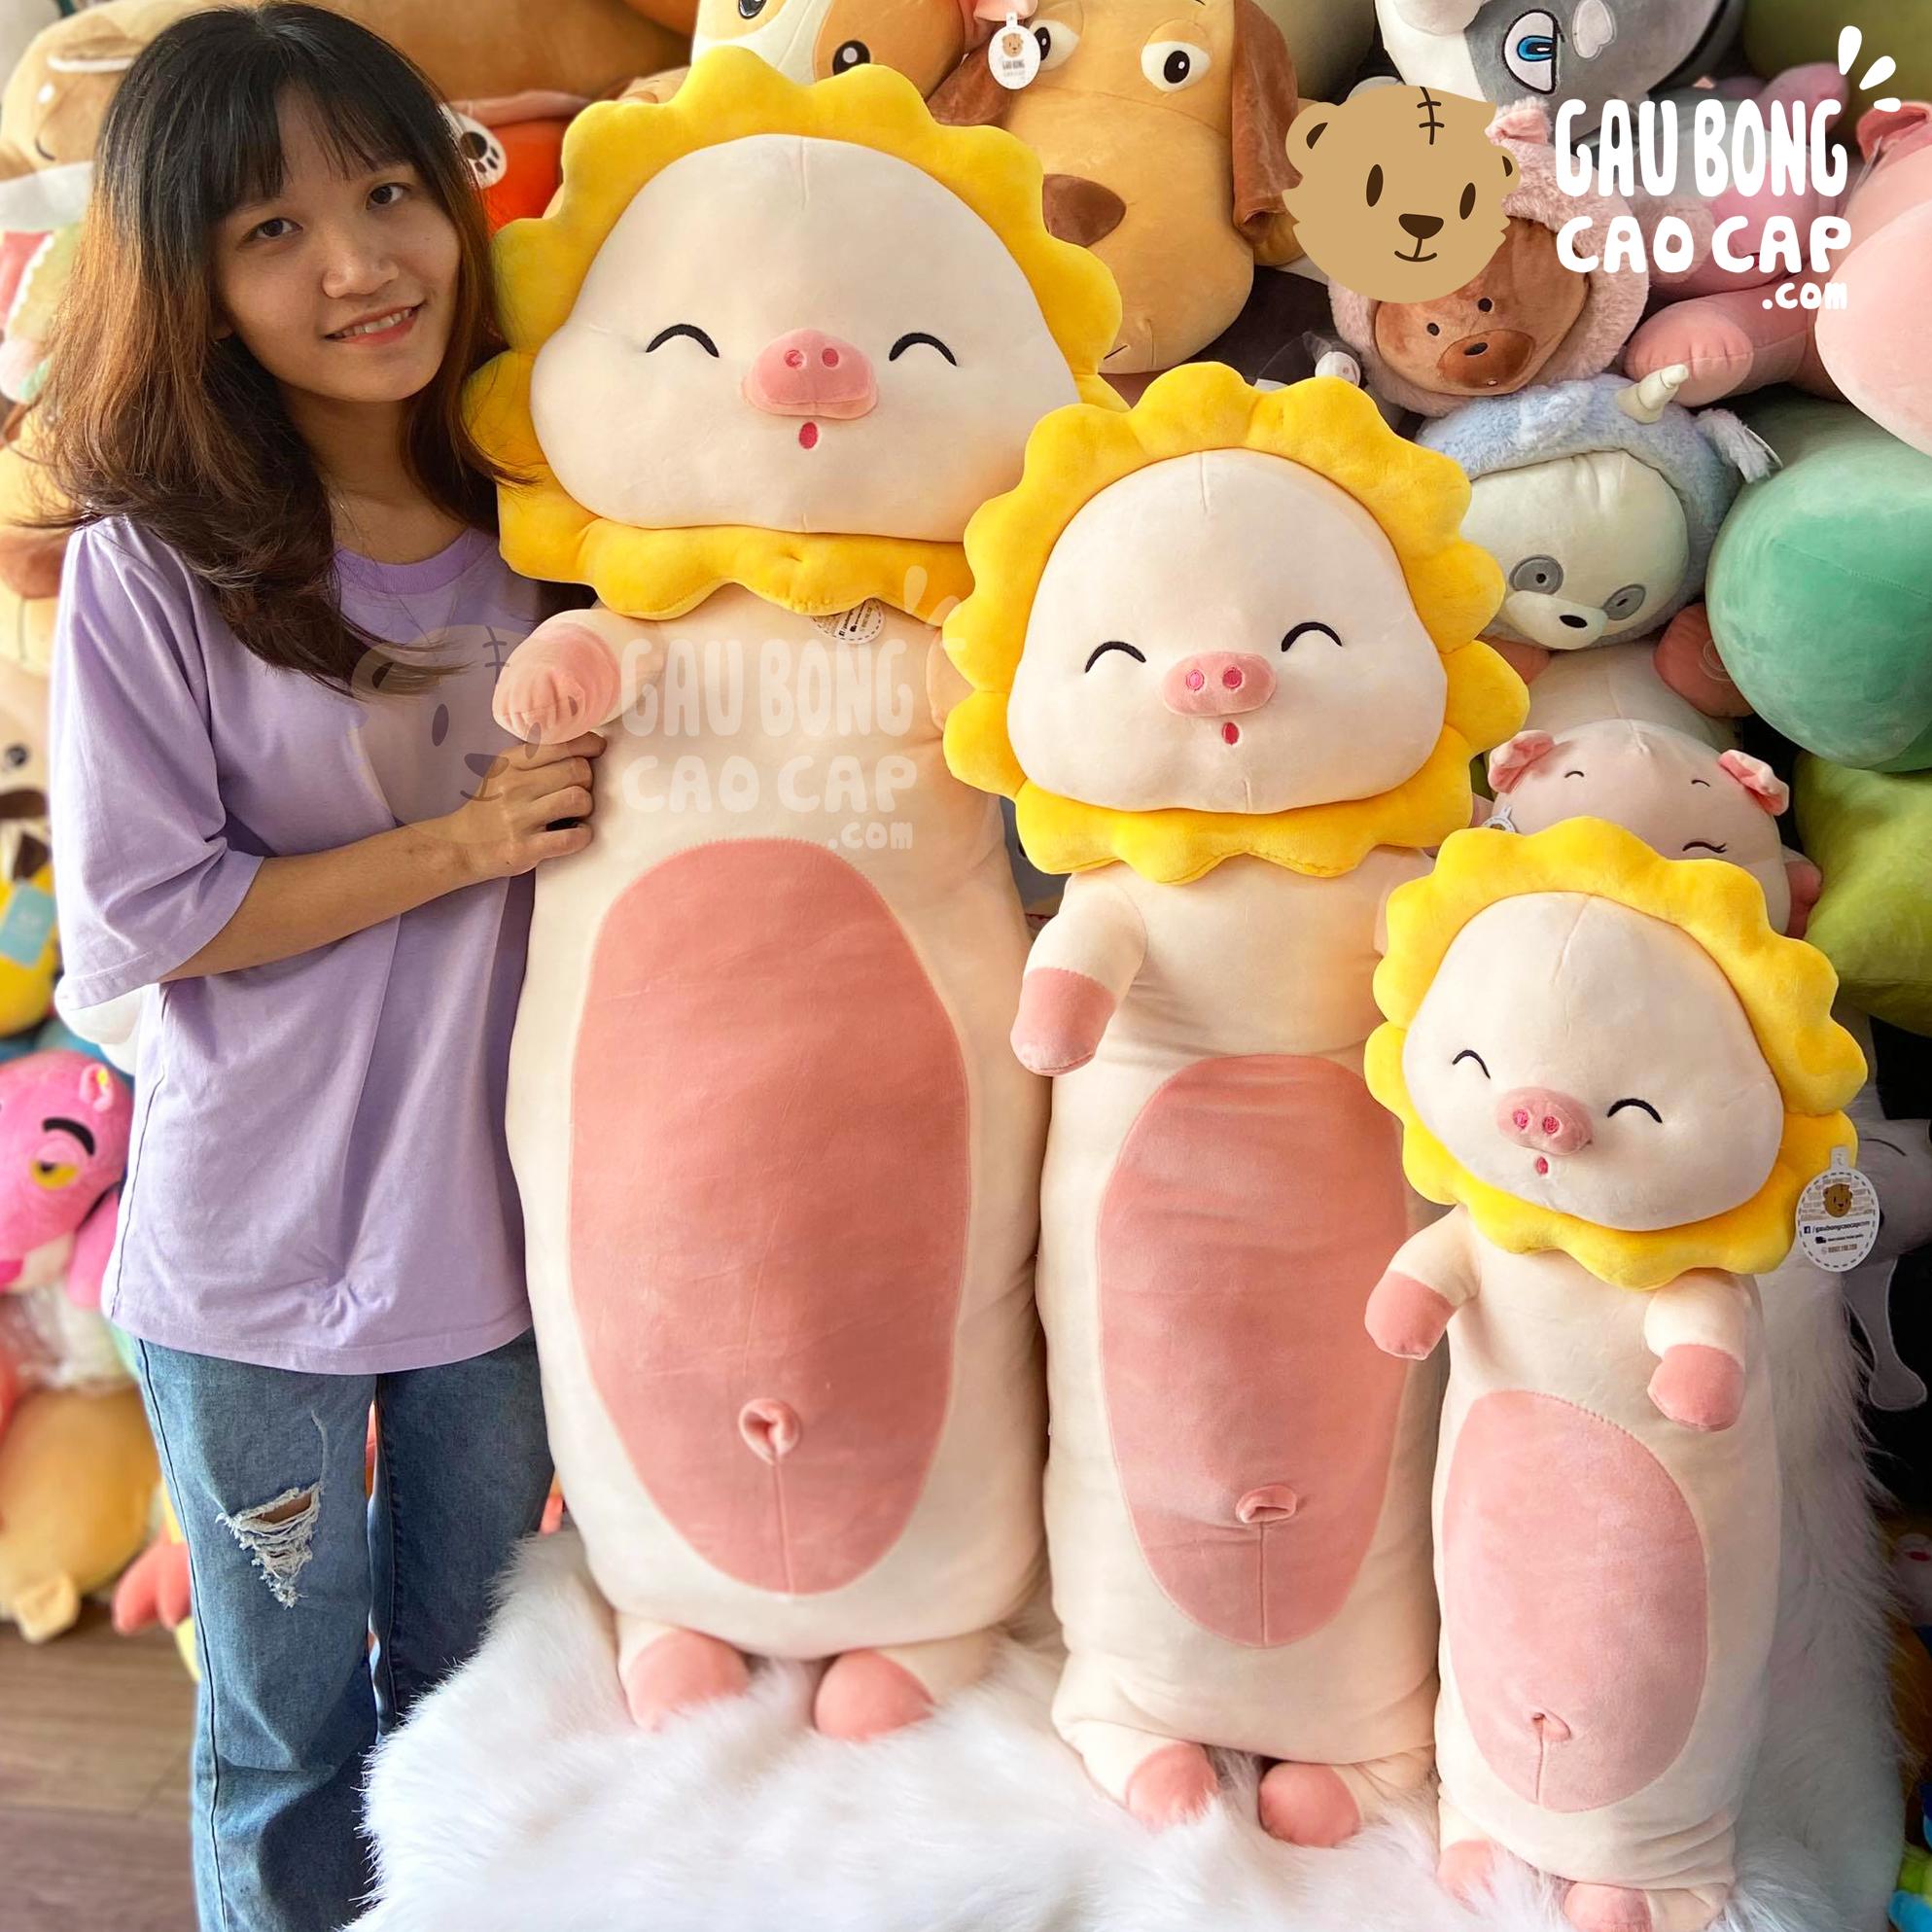 Heo Bông đứng cosplay Hoa Hướng Dương